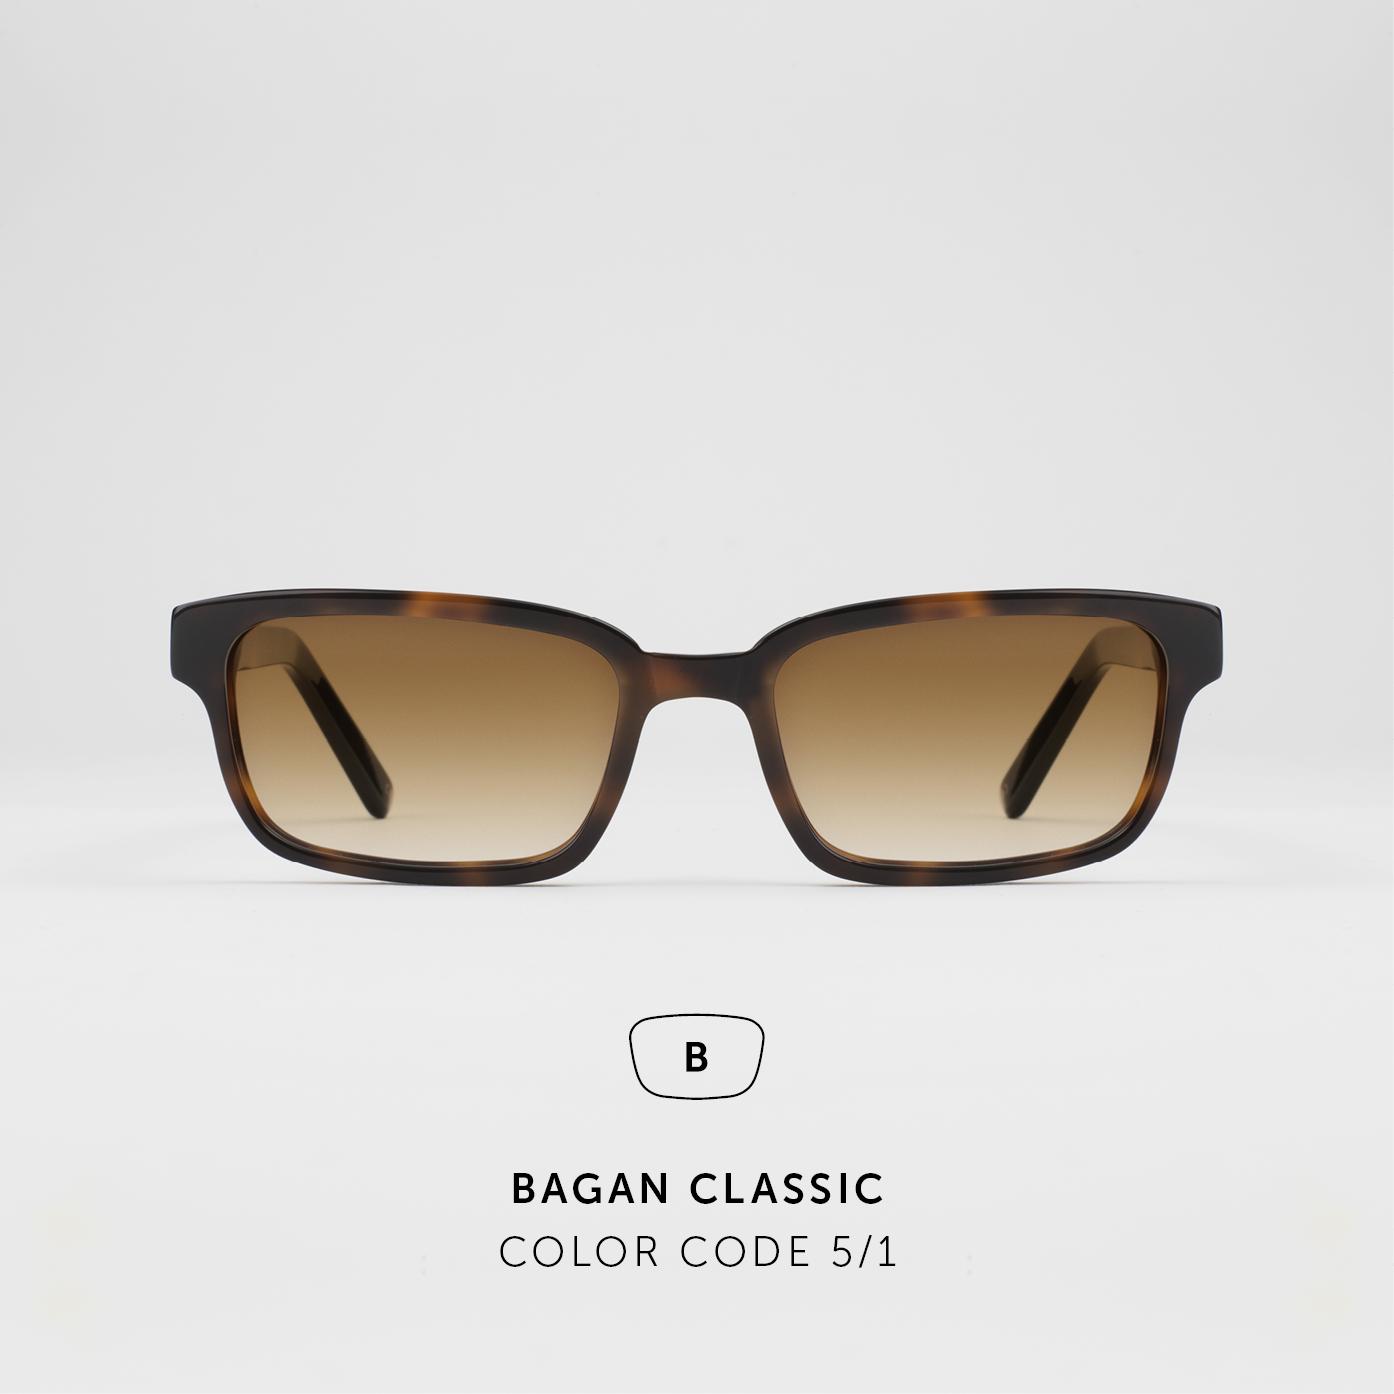 BaganClassic20.jpg